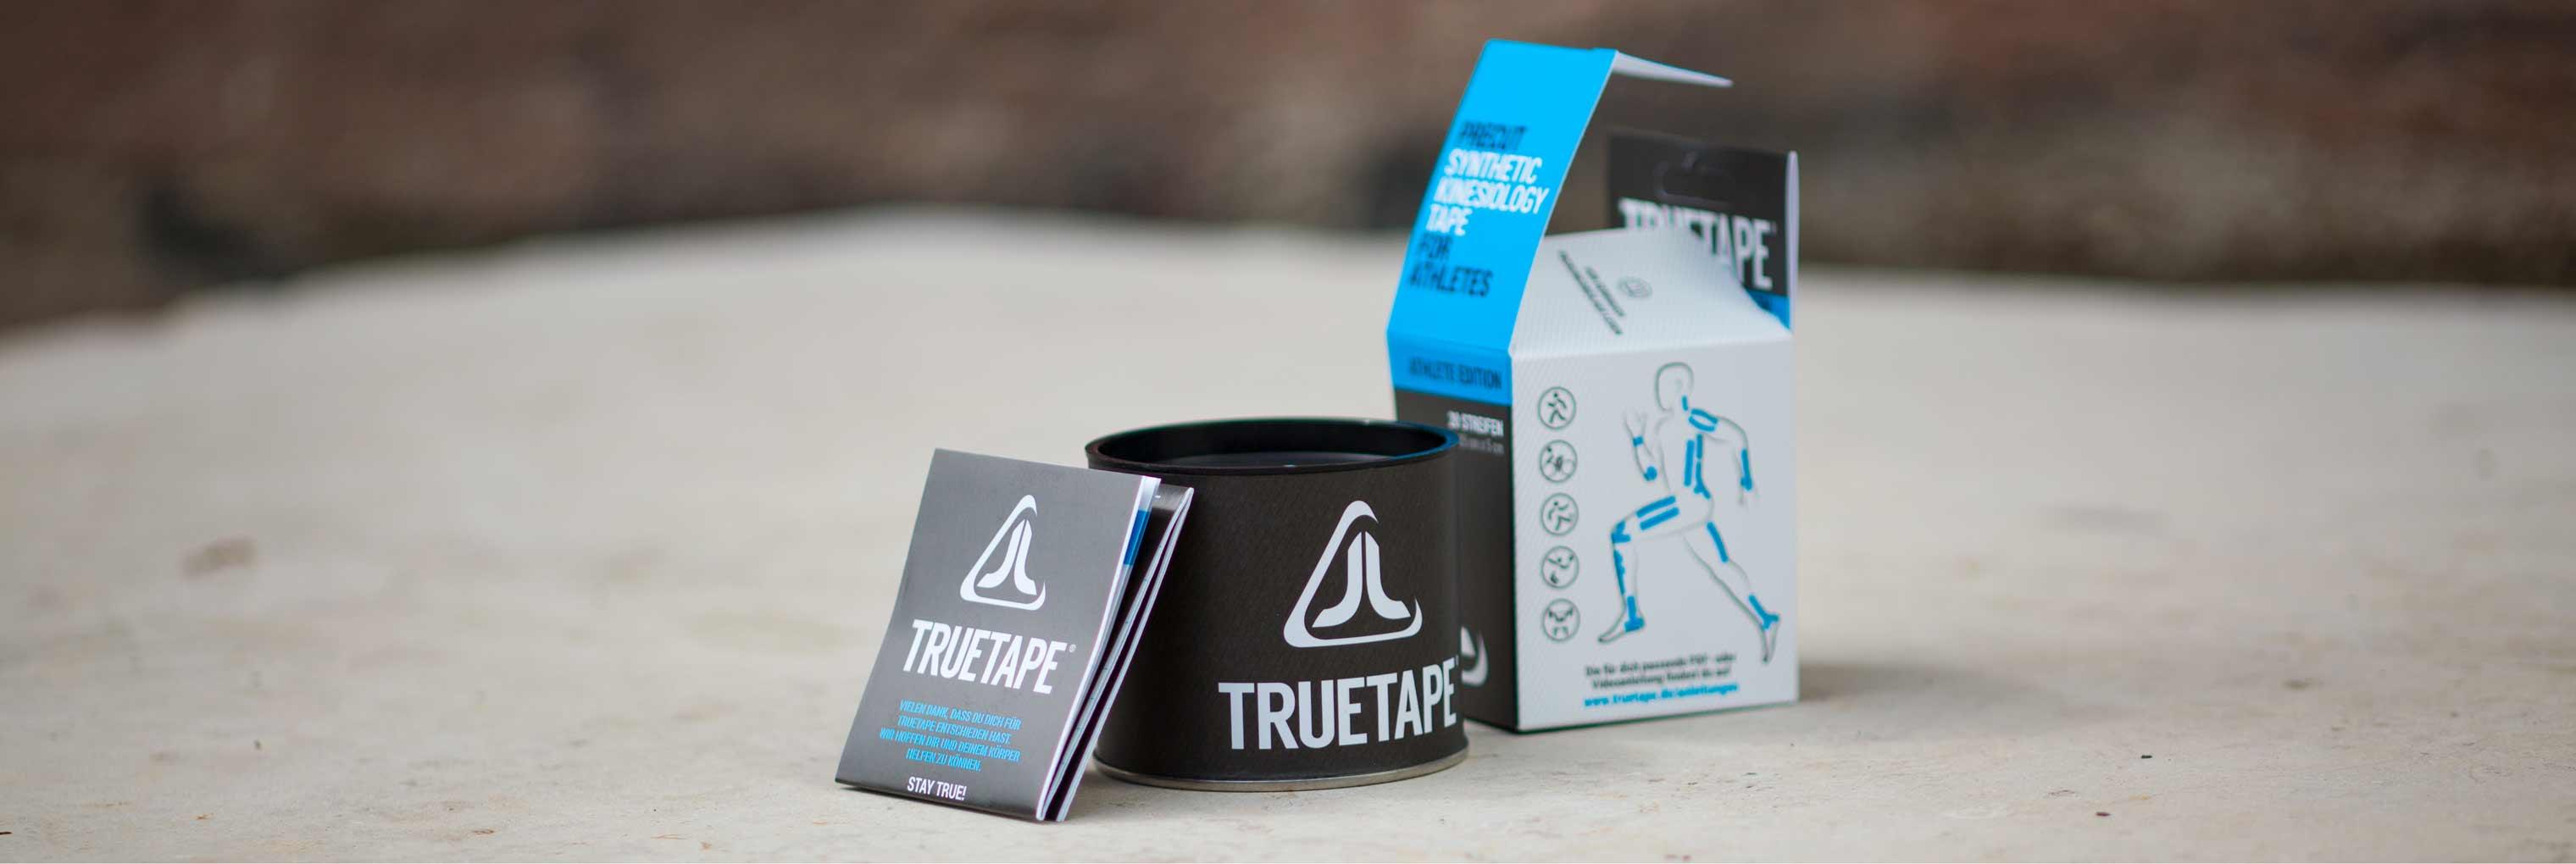 truetape